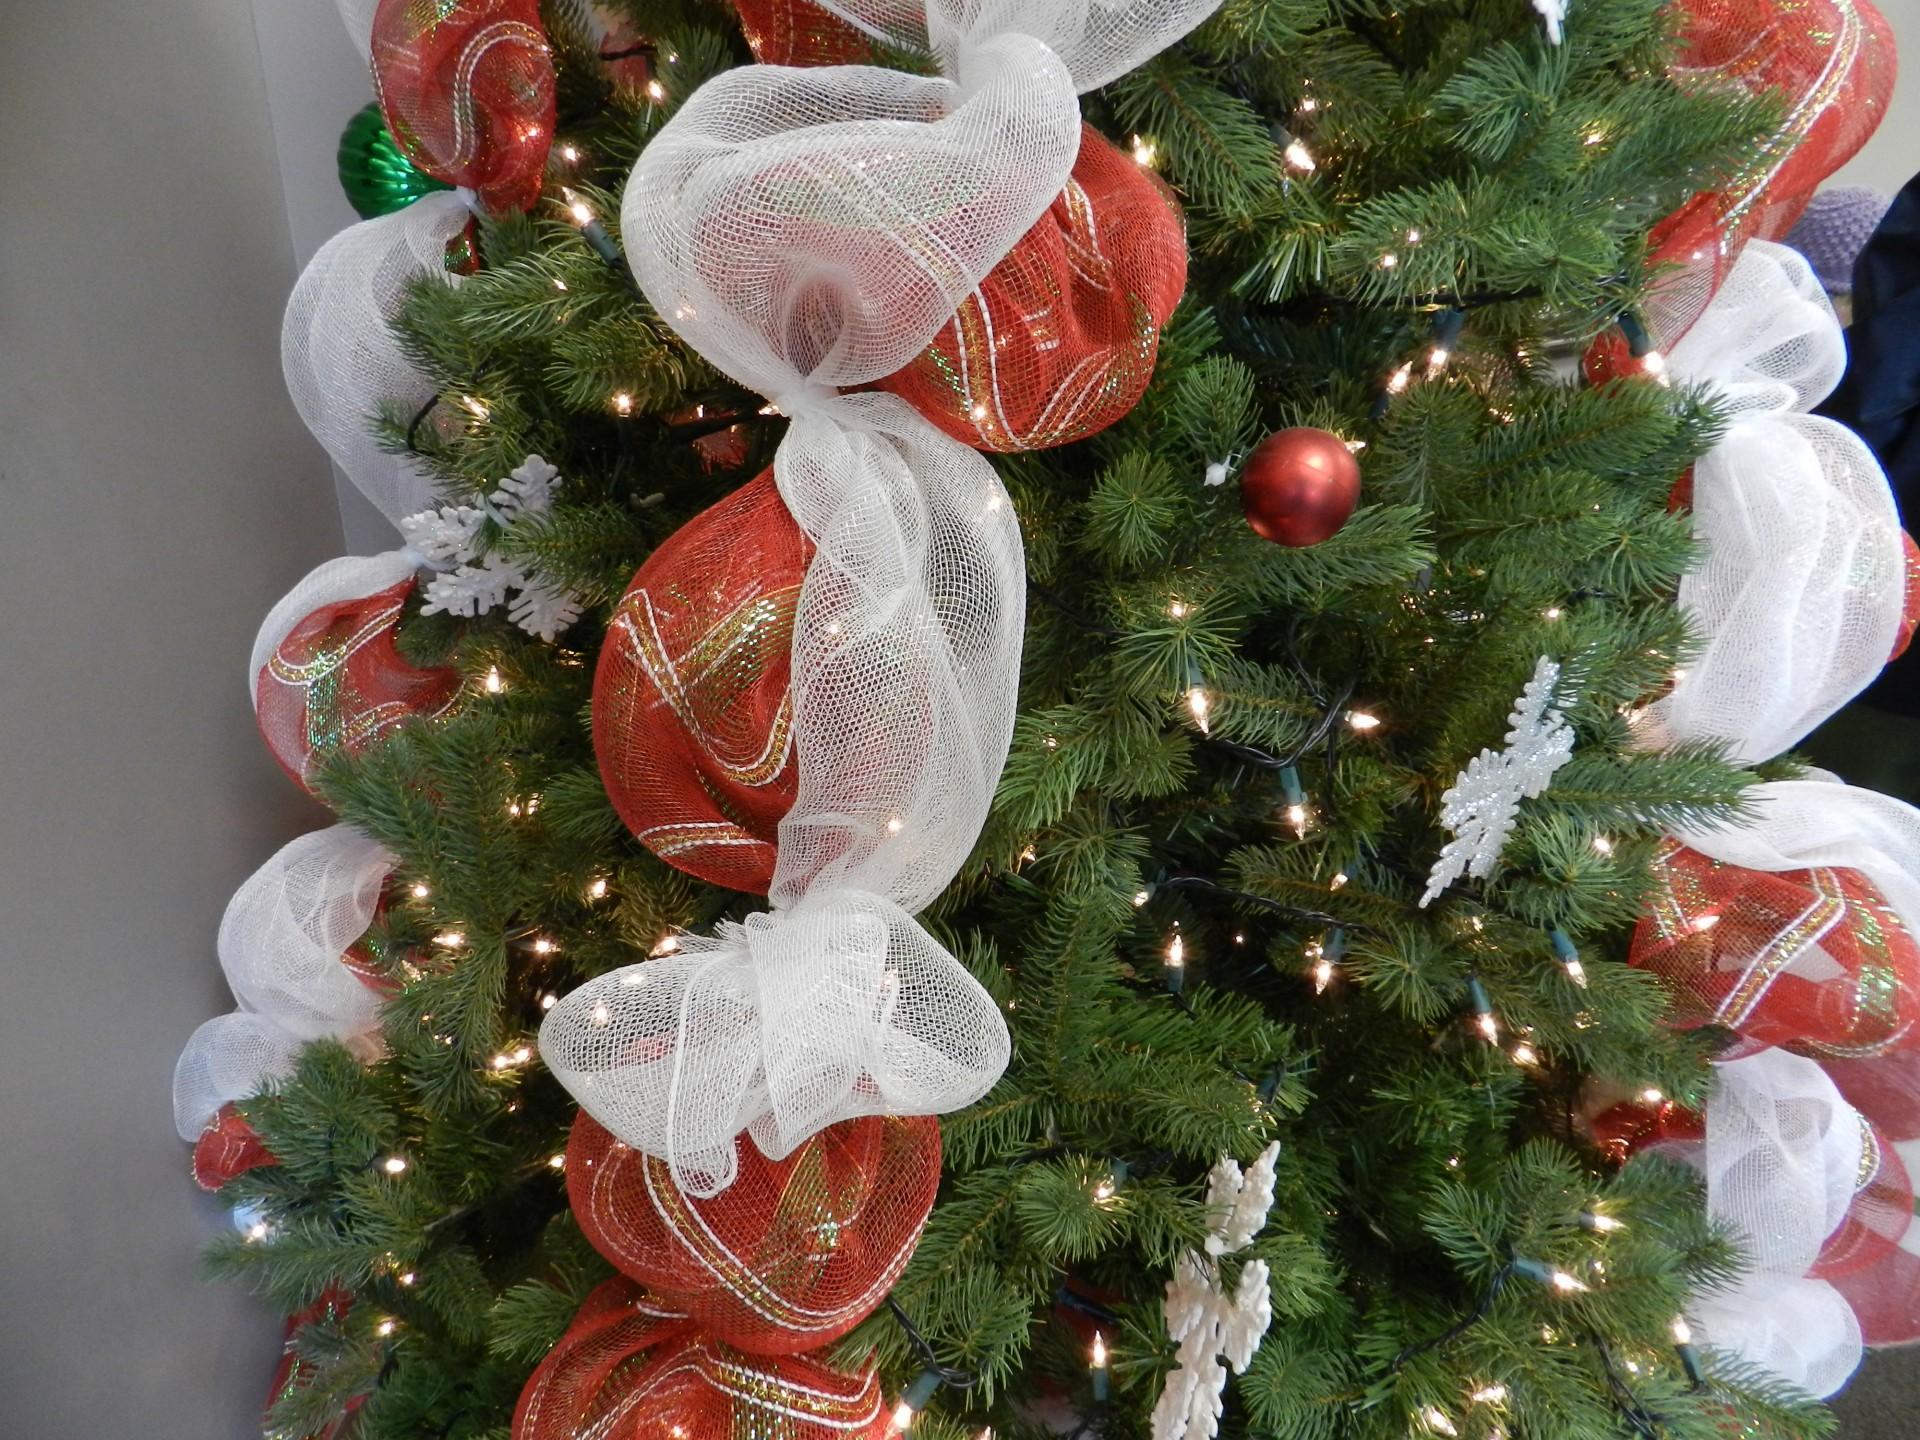 Оформление новогодней елки тканью и игрушками